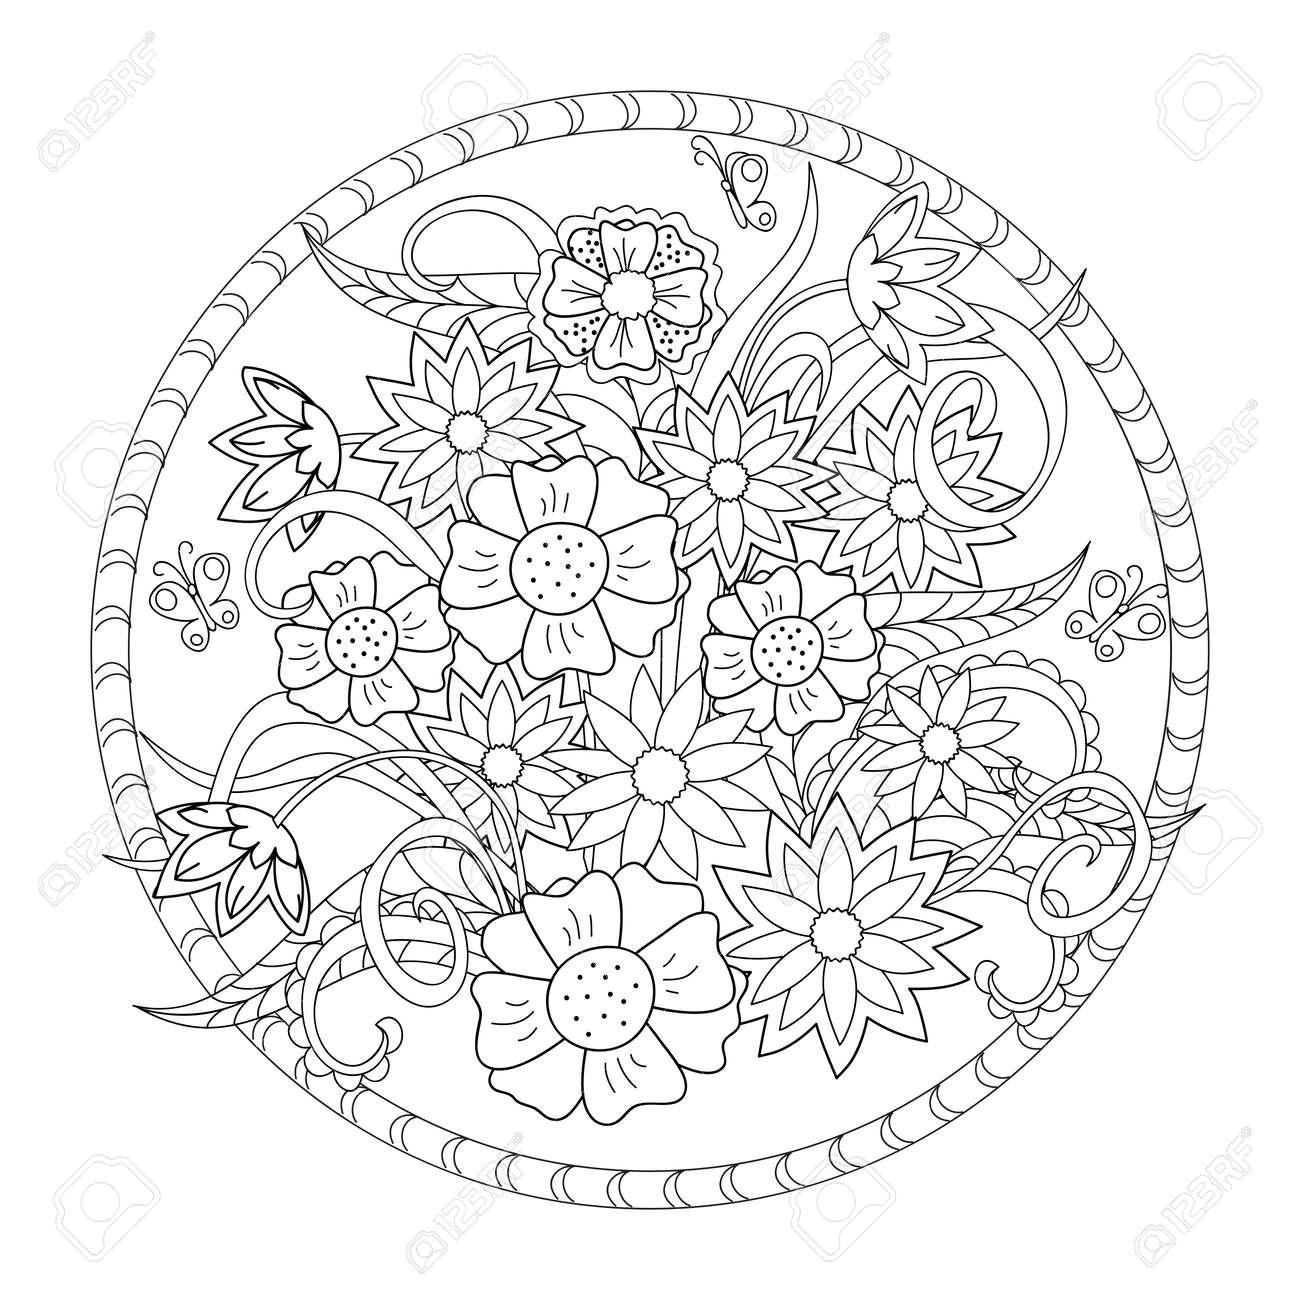 大人用と子供用の塗り絵花の手描き画像装飾時計の文字盤料理食器